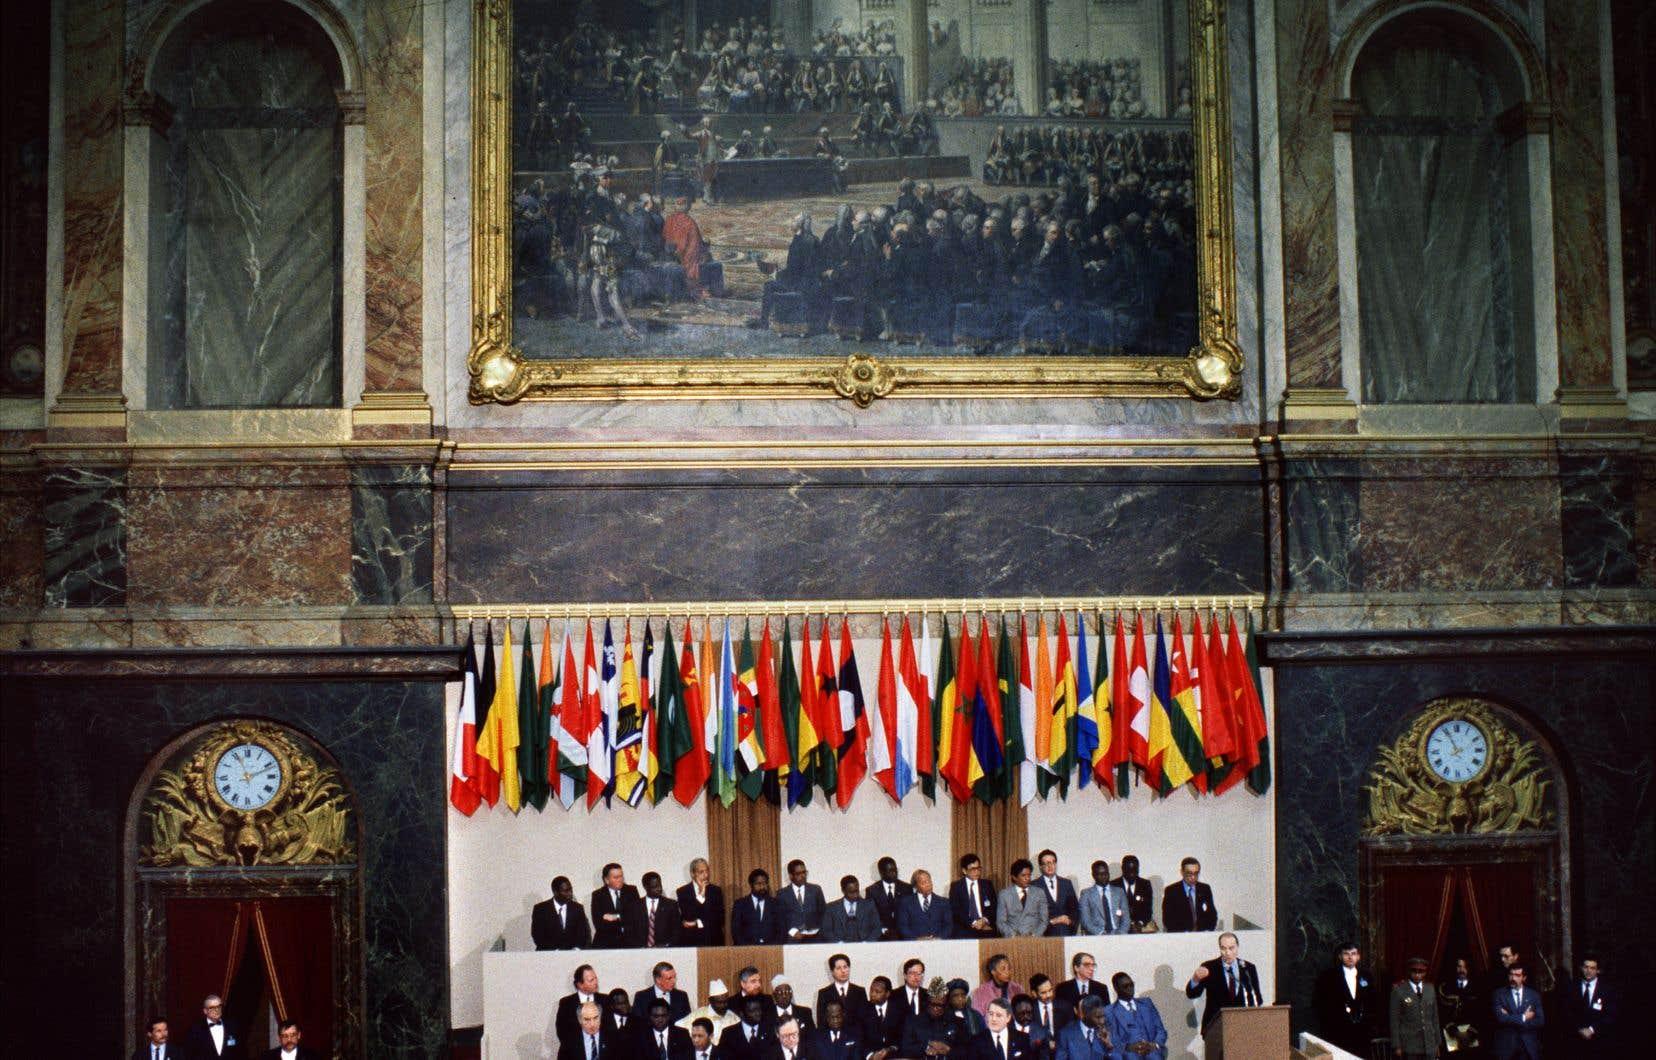 Grâce à Claude Roquet notamment, le Québec a réussi à imposer sa place lors du premier Sommet de la Francophonie, qui s'est déroulé à Versailles en 1986.